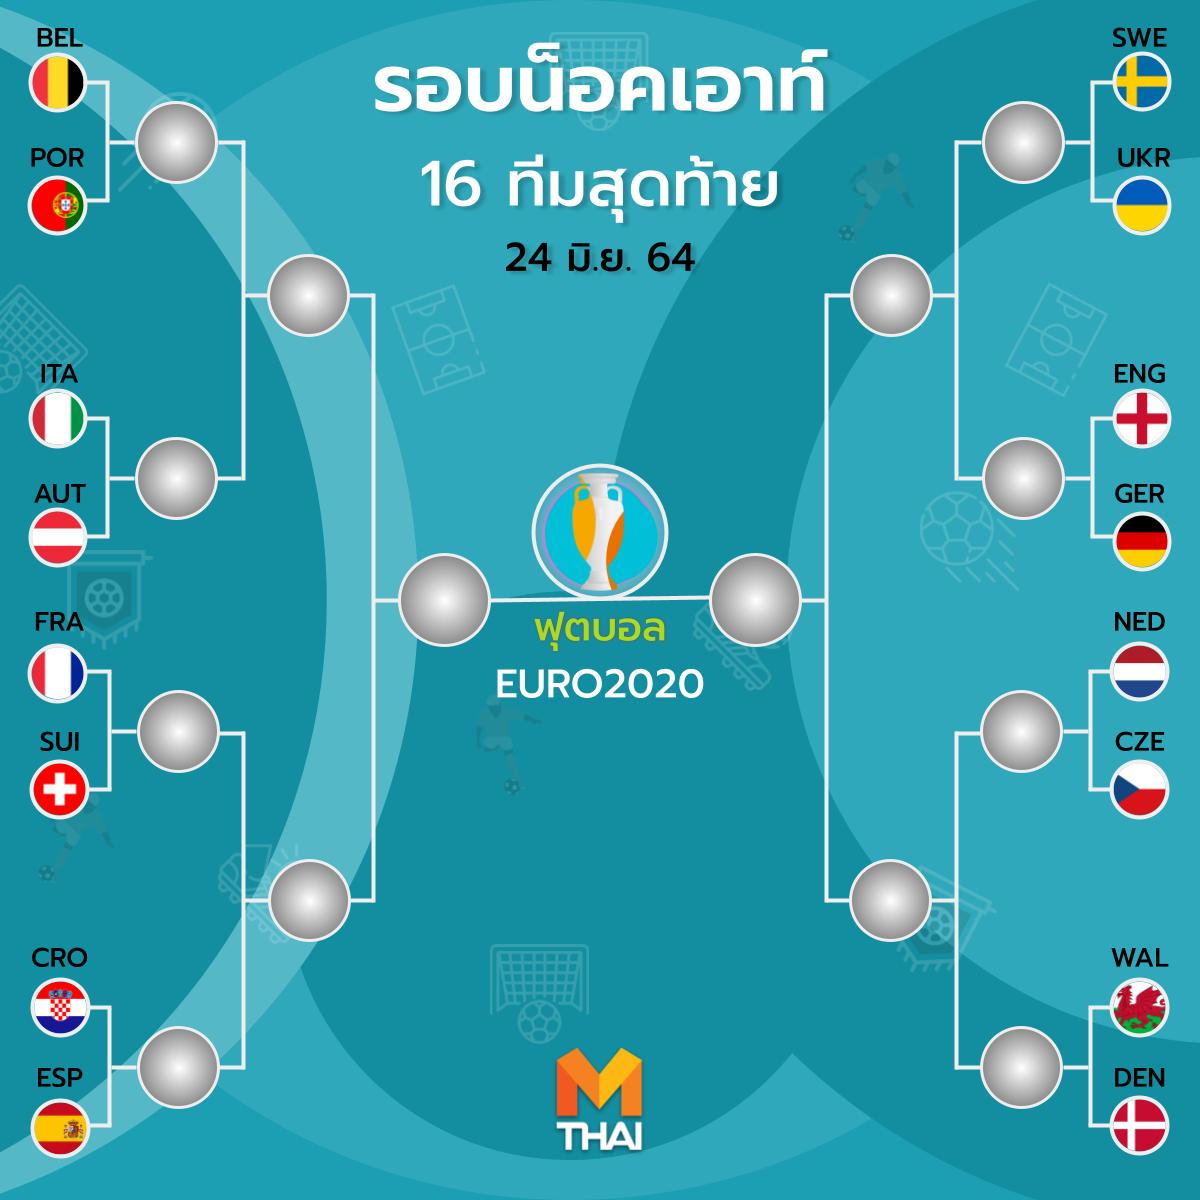 โฉมหน้า 16 ทีมสุดท้าย ยูโร 2020 อังกฤษ พบ เยอรมนี และเบลเยียม พบ โปรตุเกส